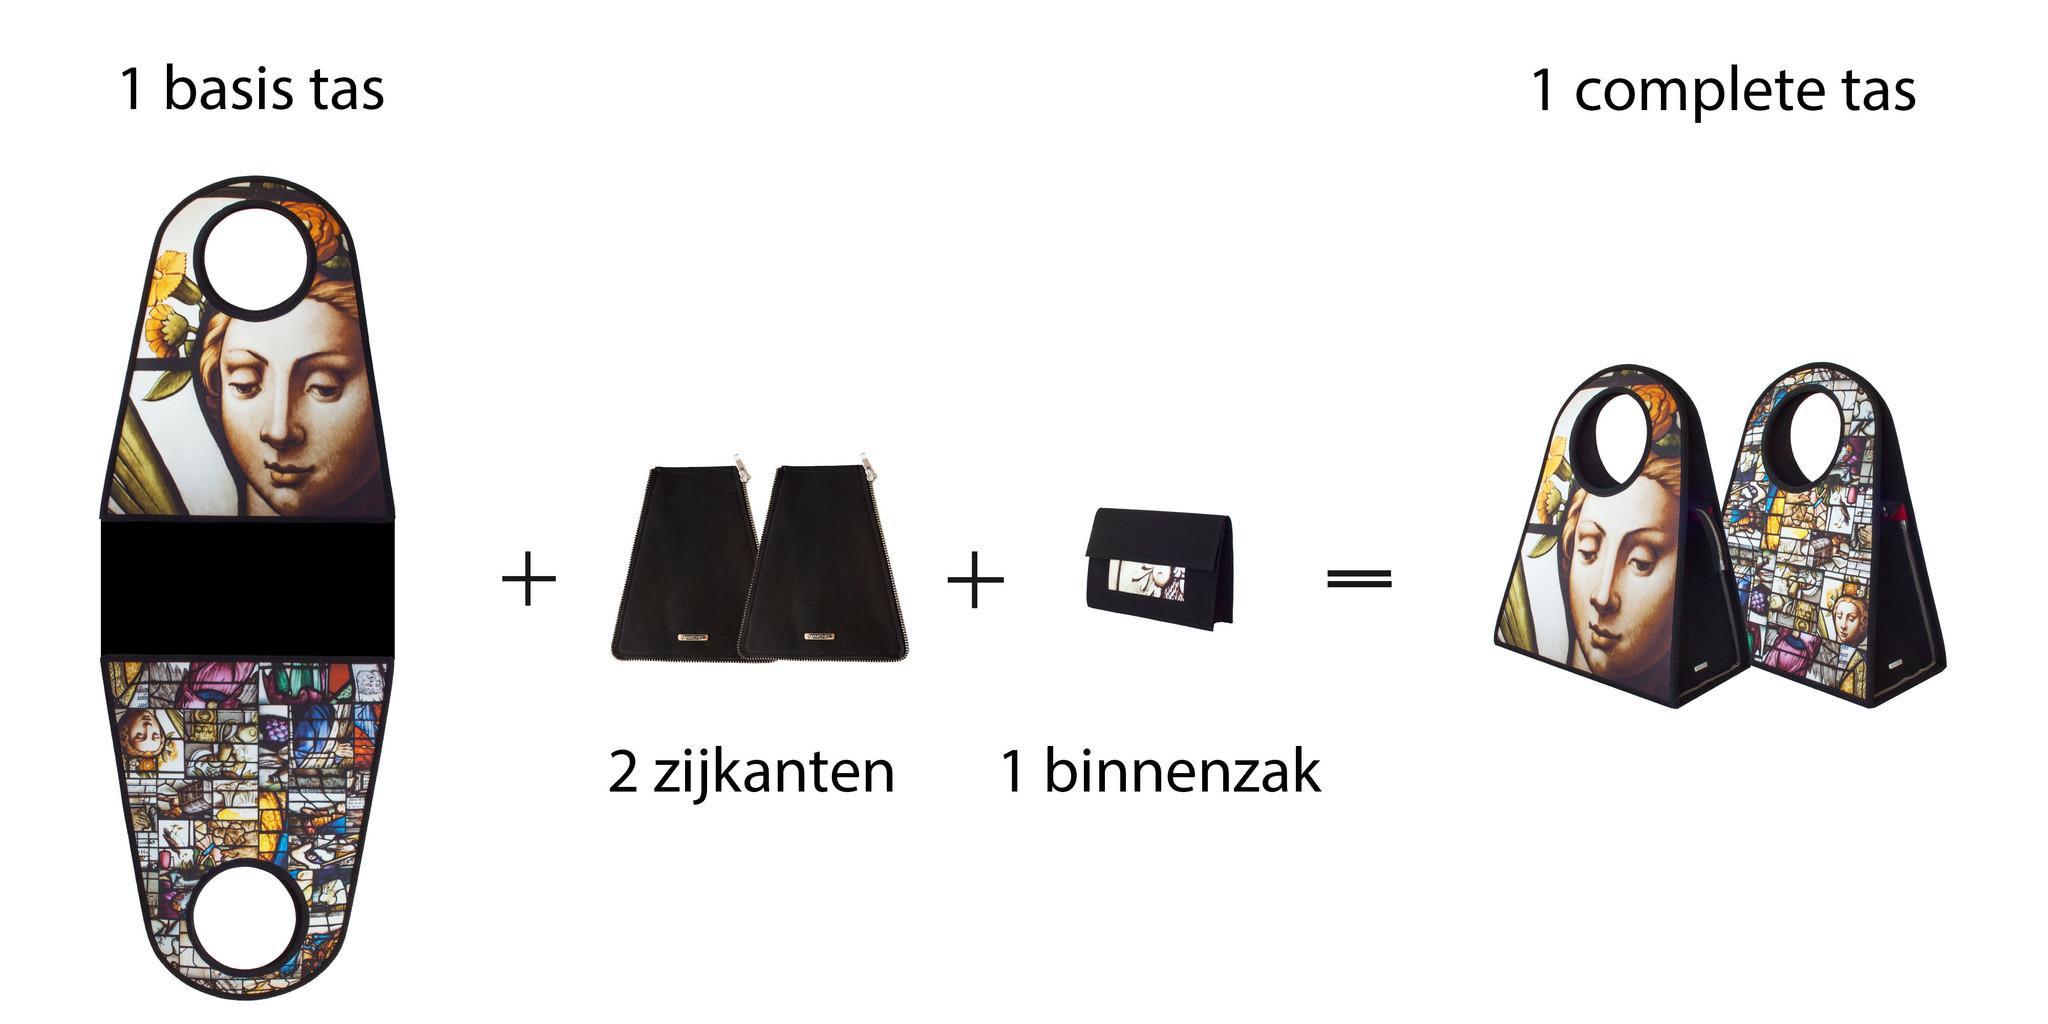 Handgemaakte Manichel tas, stel de tas zelf samen.